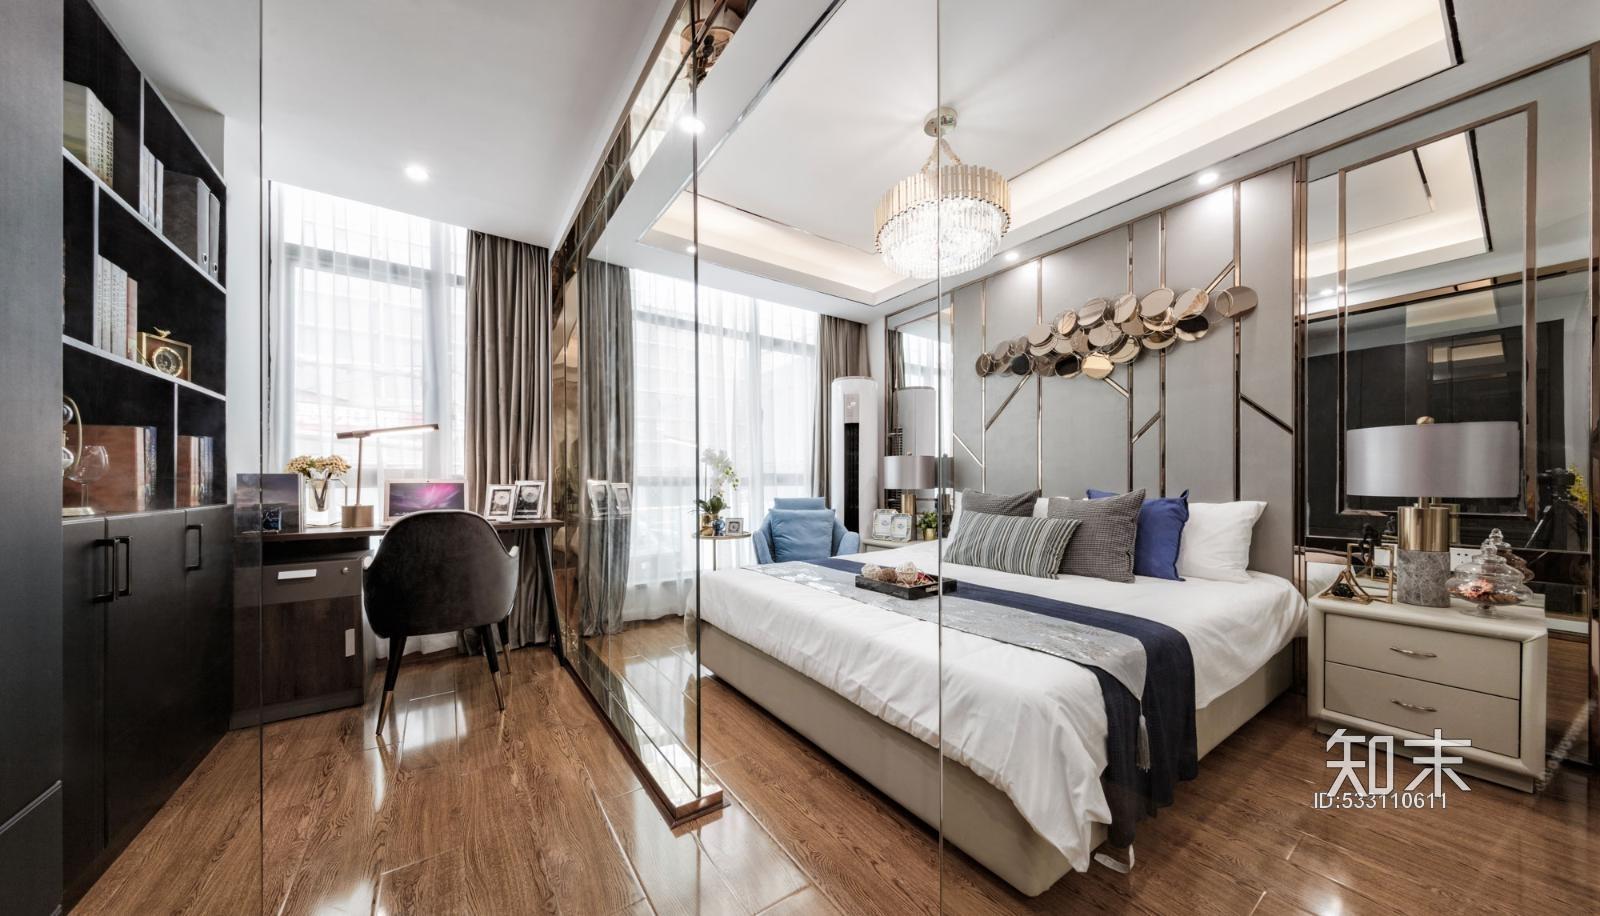 武汉联创未来寓公寓项目整套施工图施工图下载【ID:533110611】